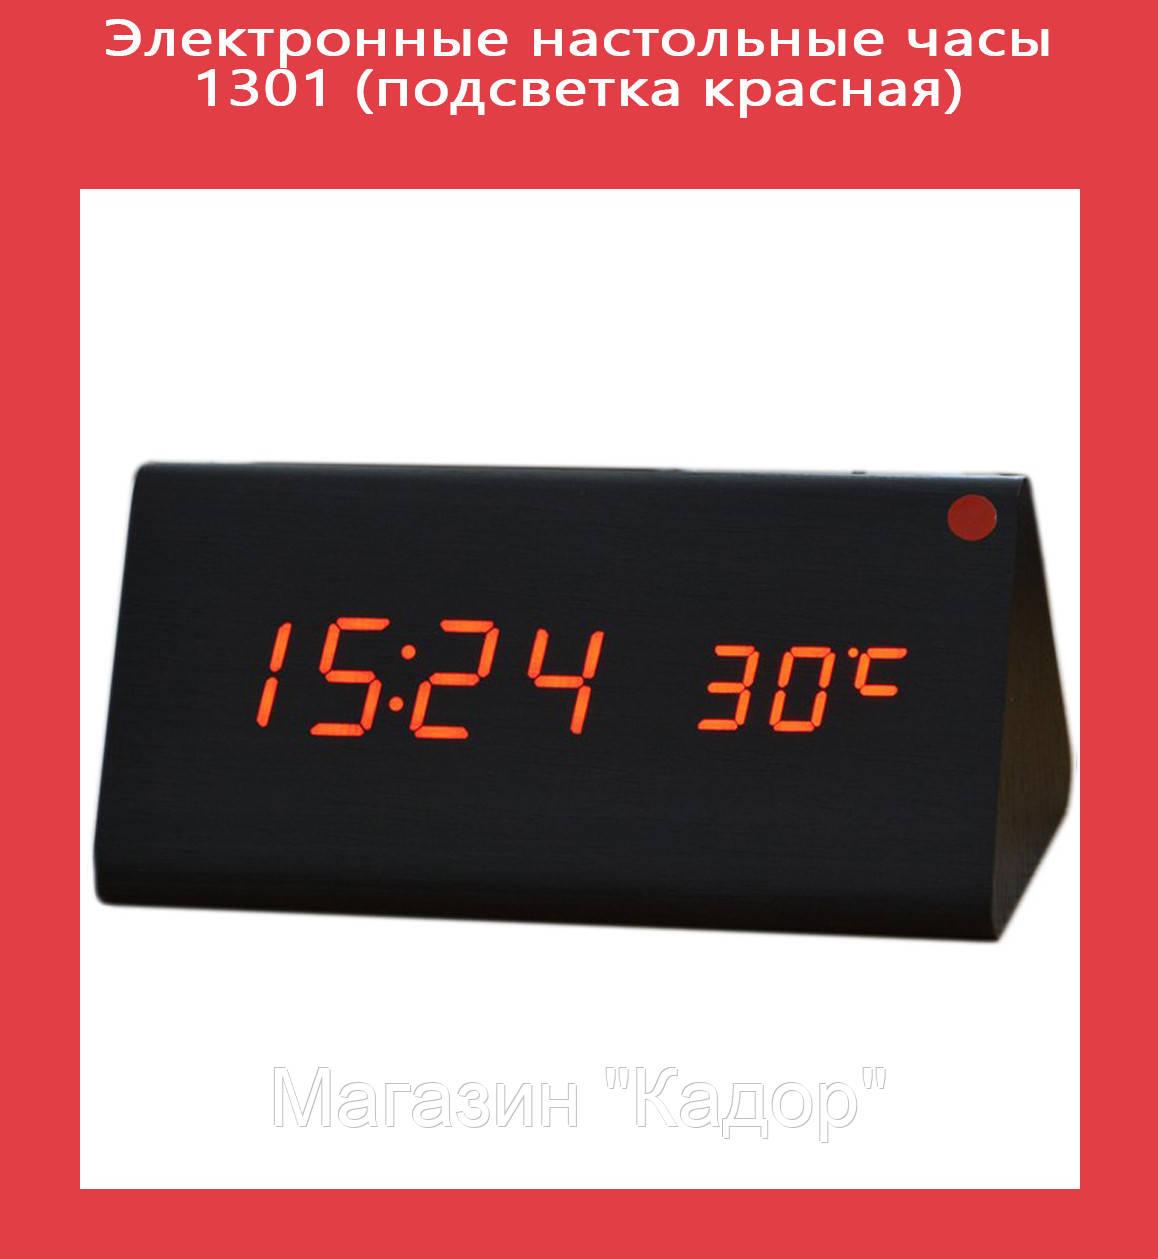 электронные часы уличные в Челябинске.